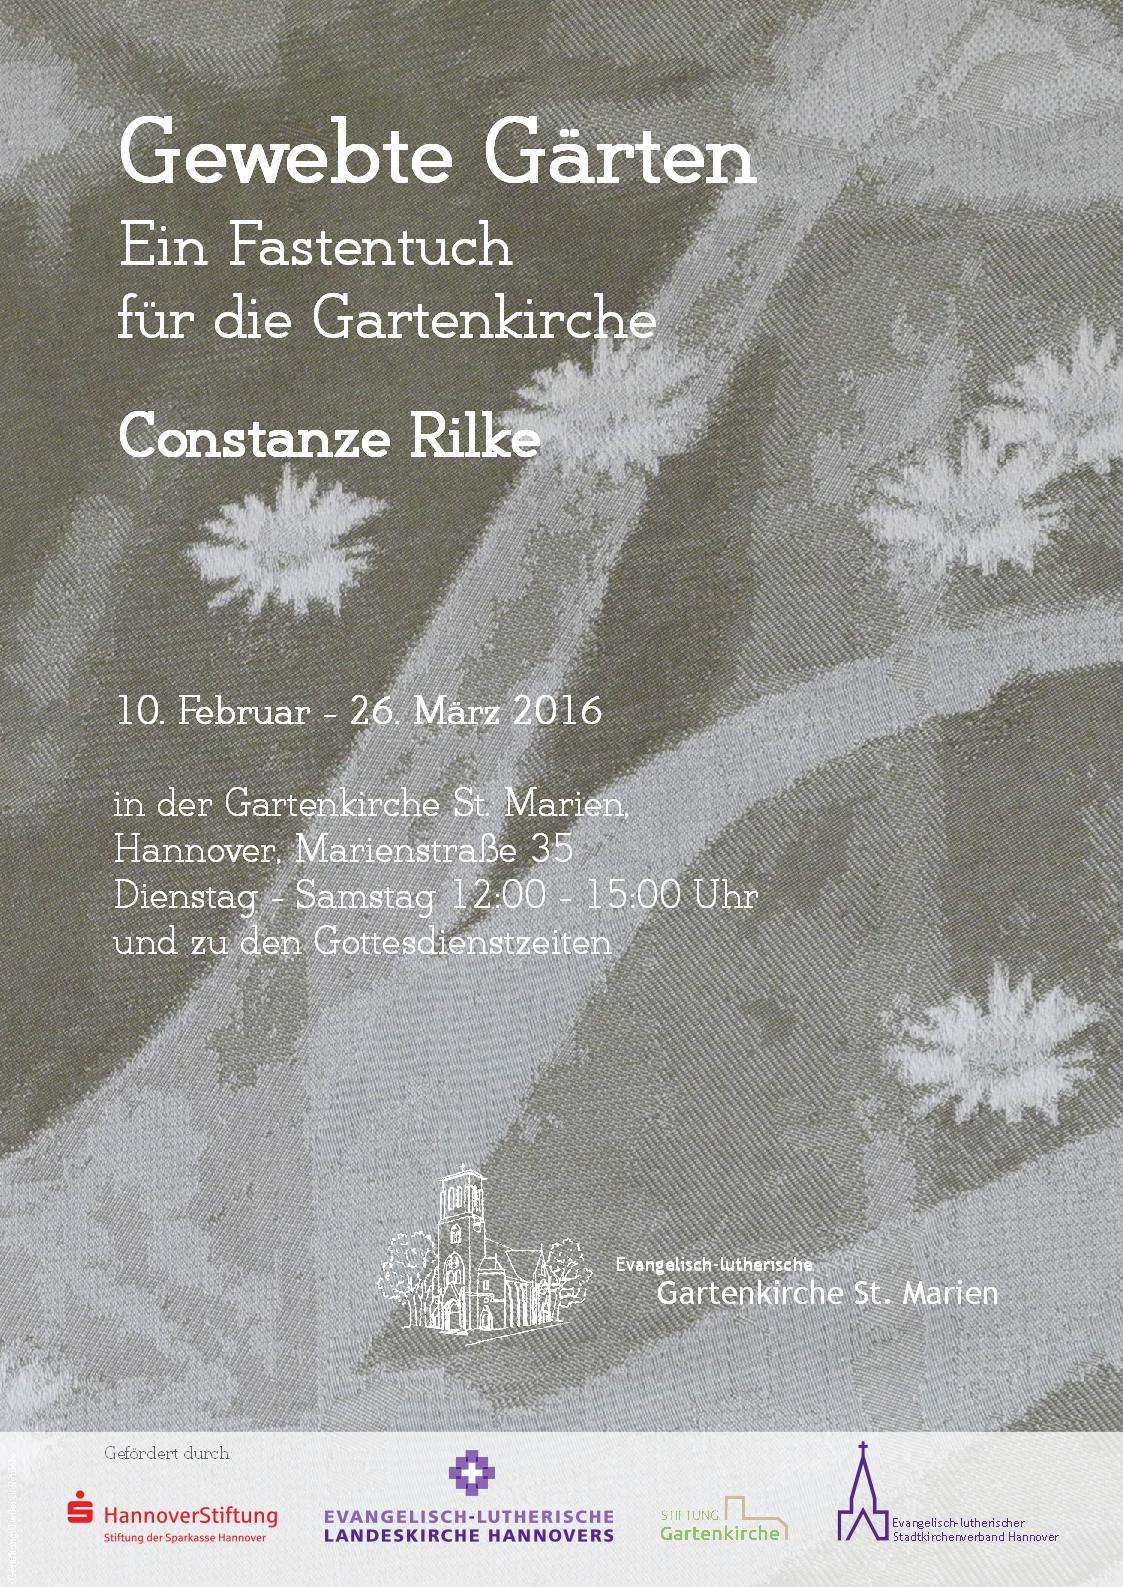 Fastentuch-Plakat